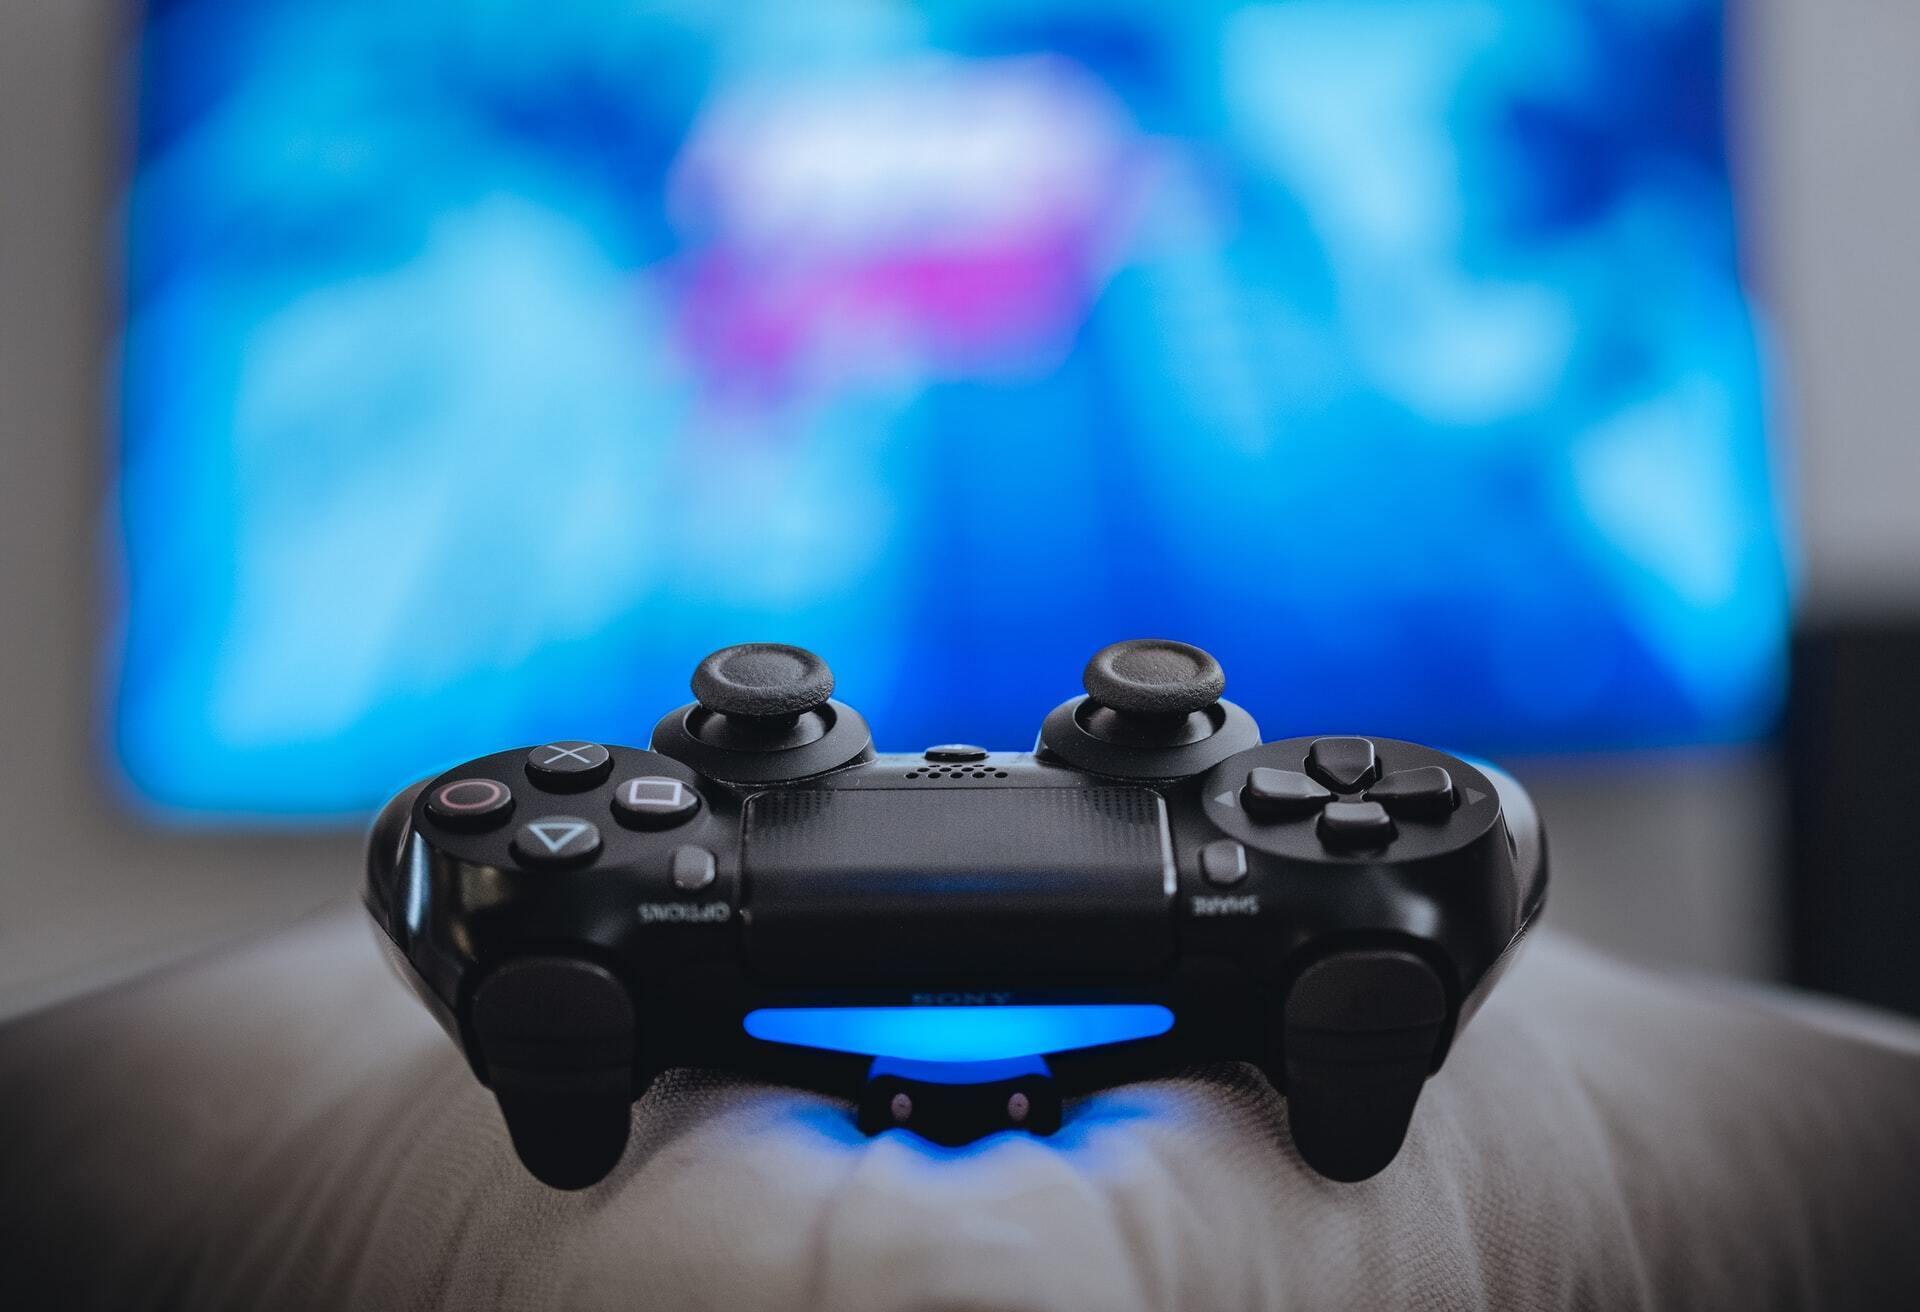 Вместе с любимым человеком можно отметить 14 февраля, играя в онлайн-игры